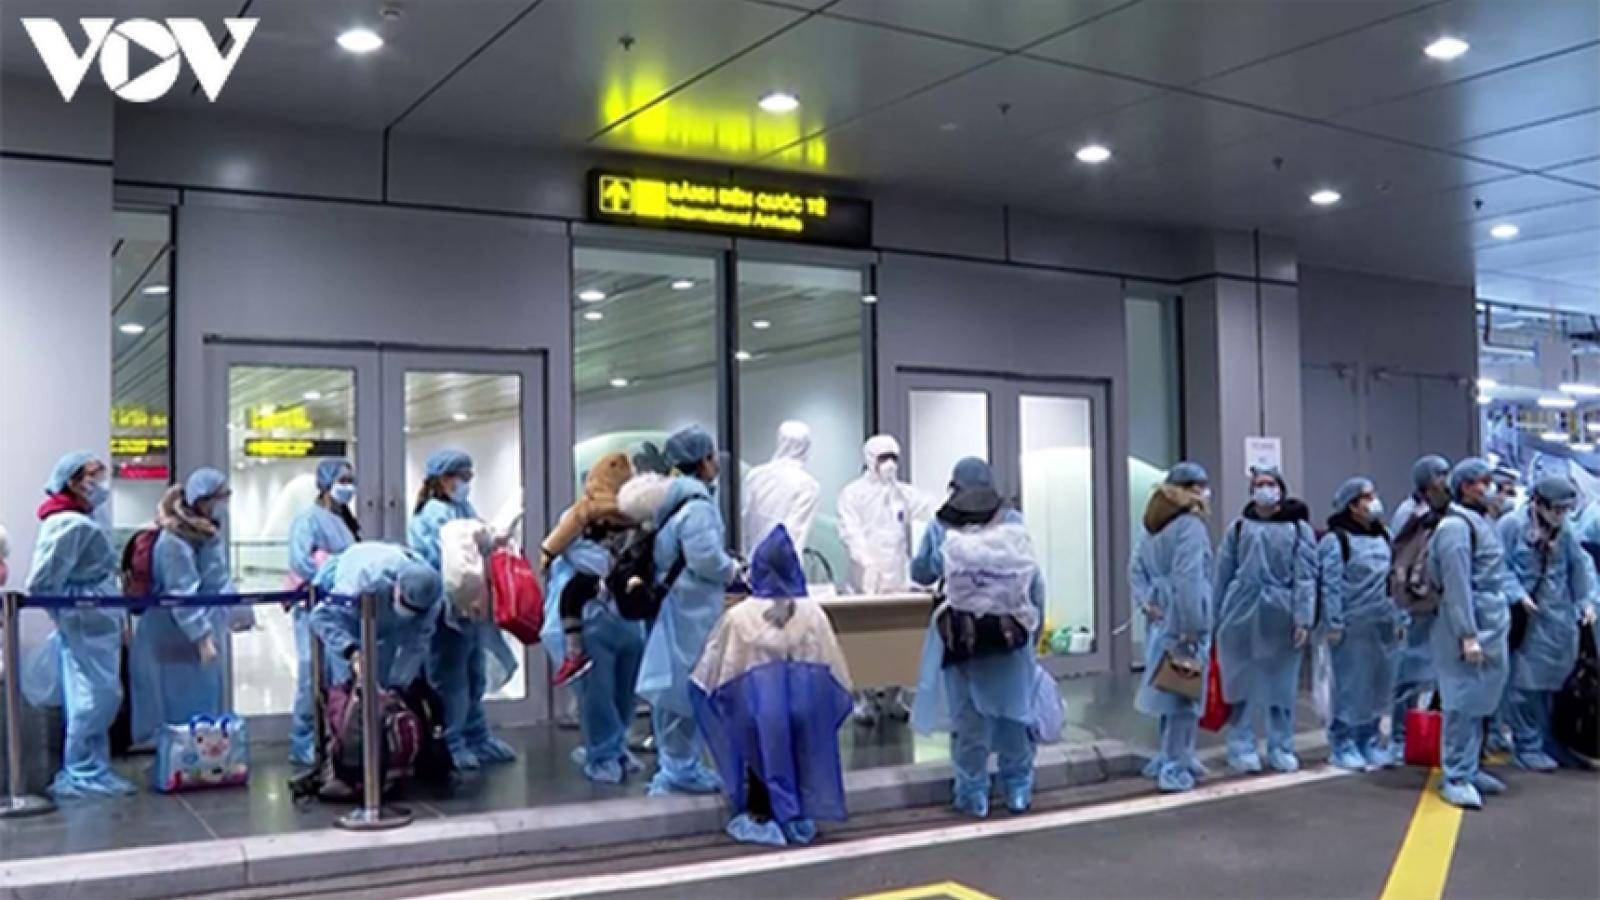 Chuyến bay đưa hơn 350 người Việt từ Nhật Bản về nước hạ cánh ở Đà Nẵng